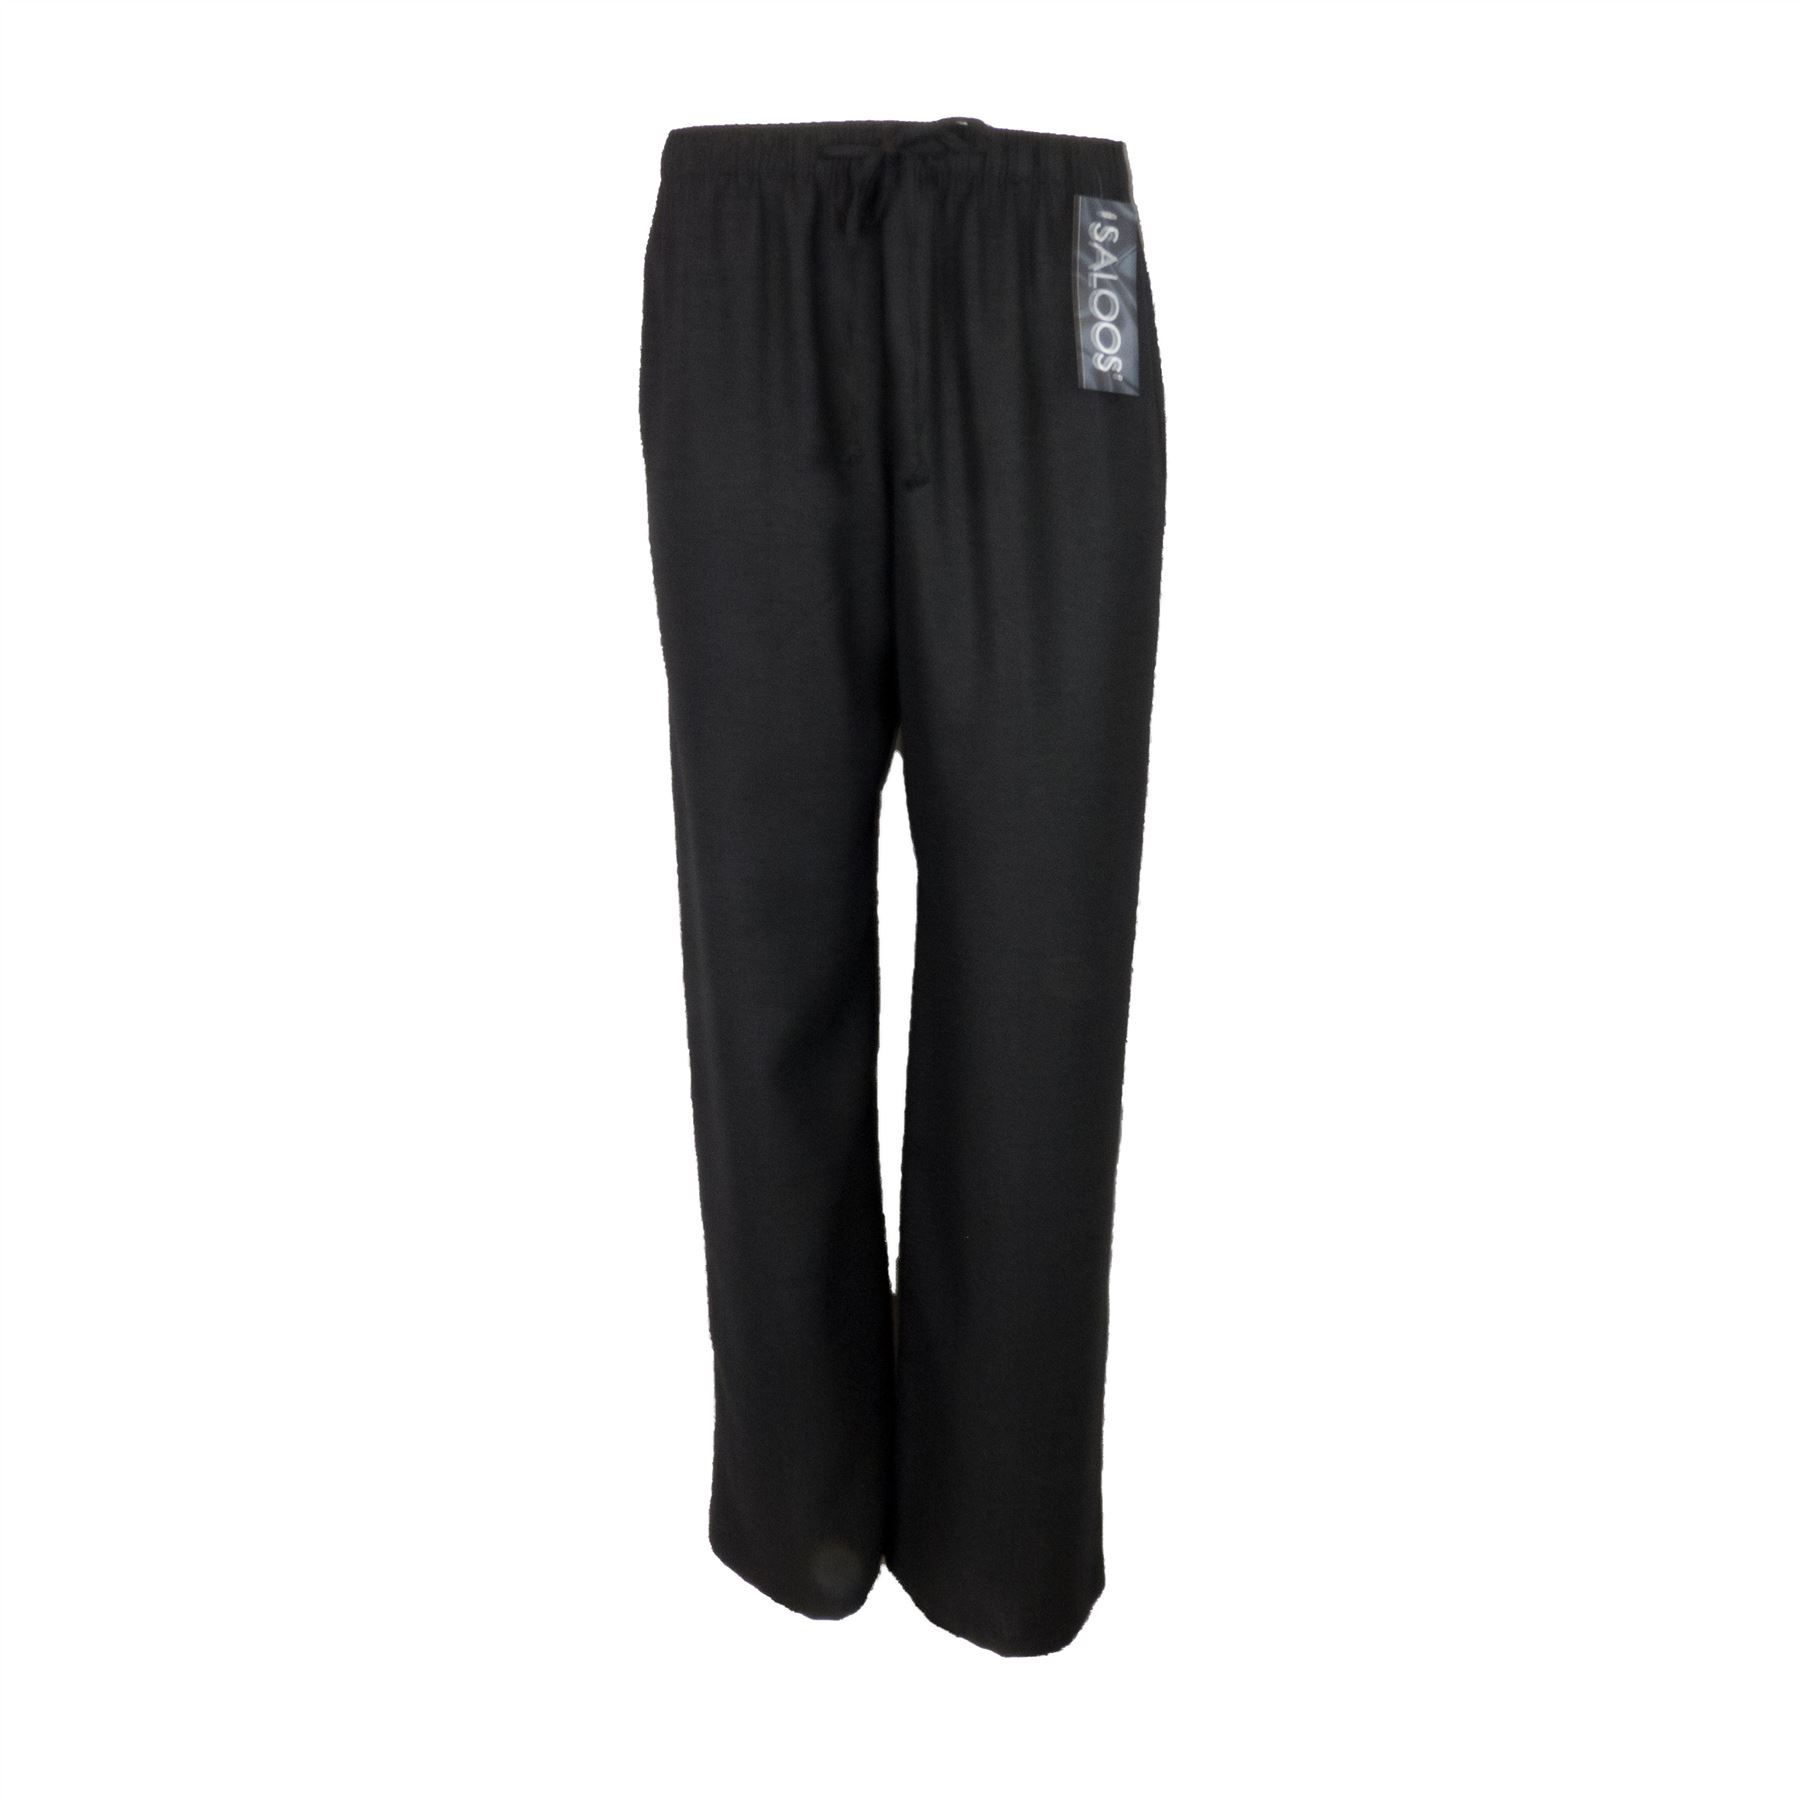 Saloos Linen Look Trouser Casual or Eveningwear Elasticated Waist